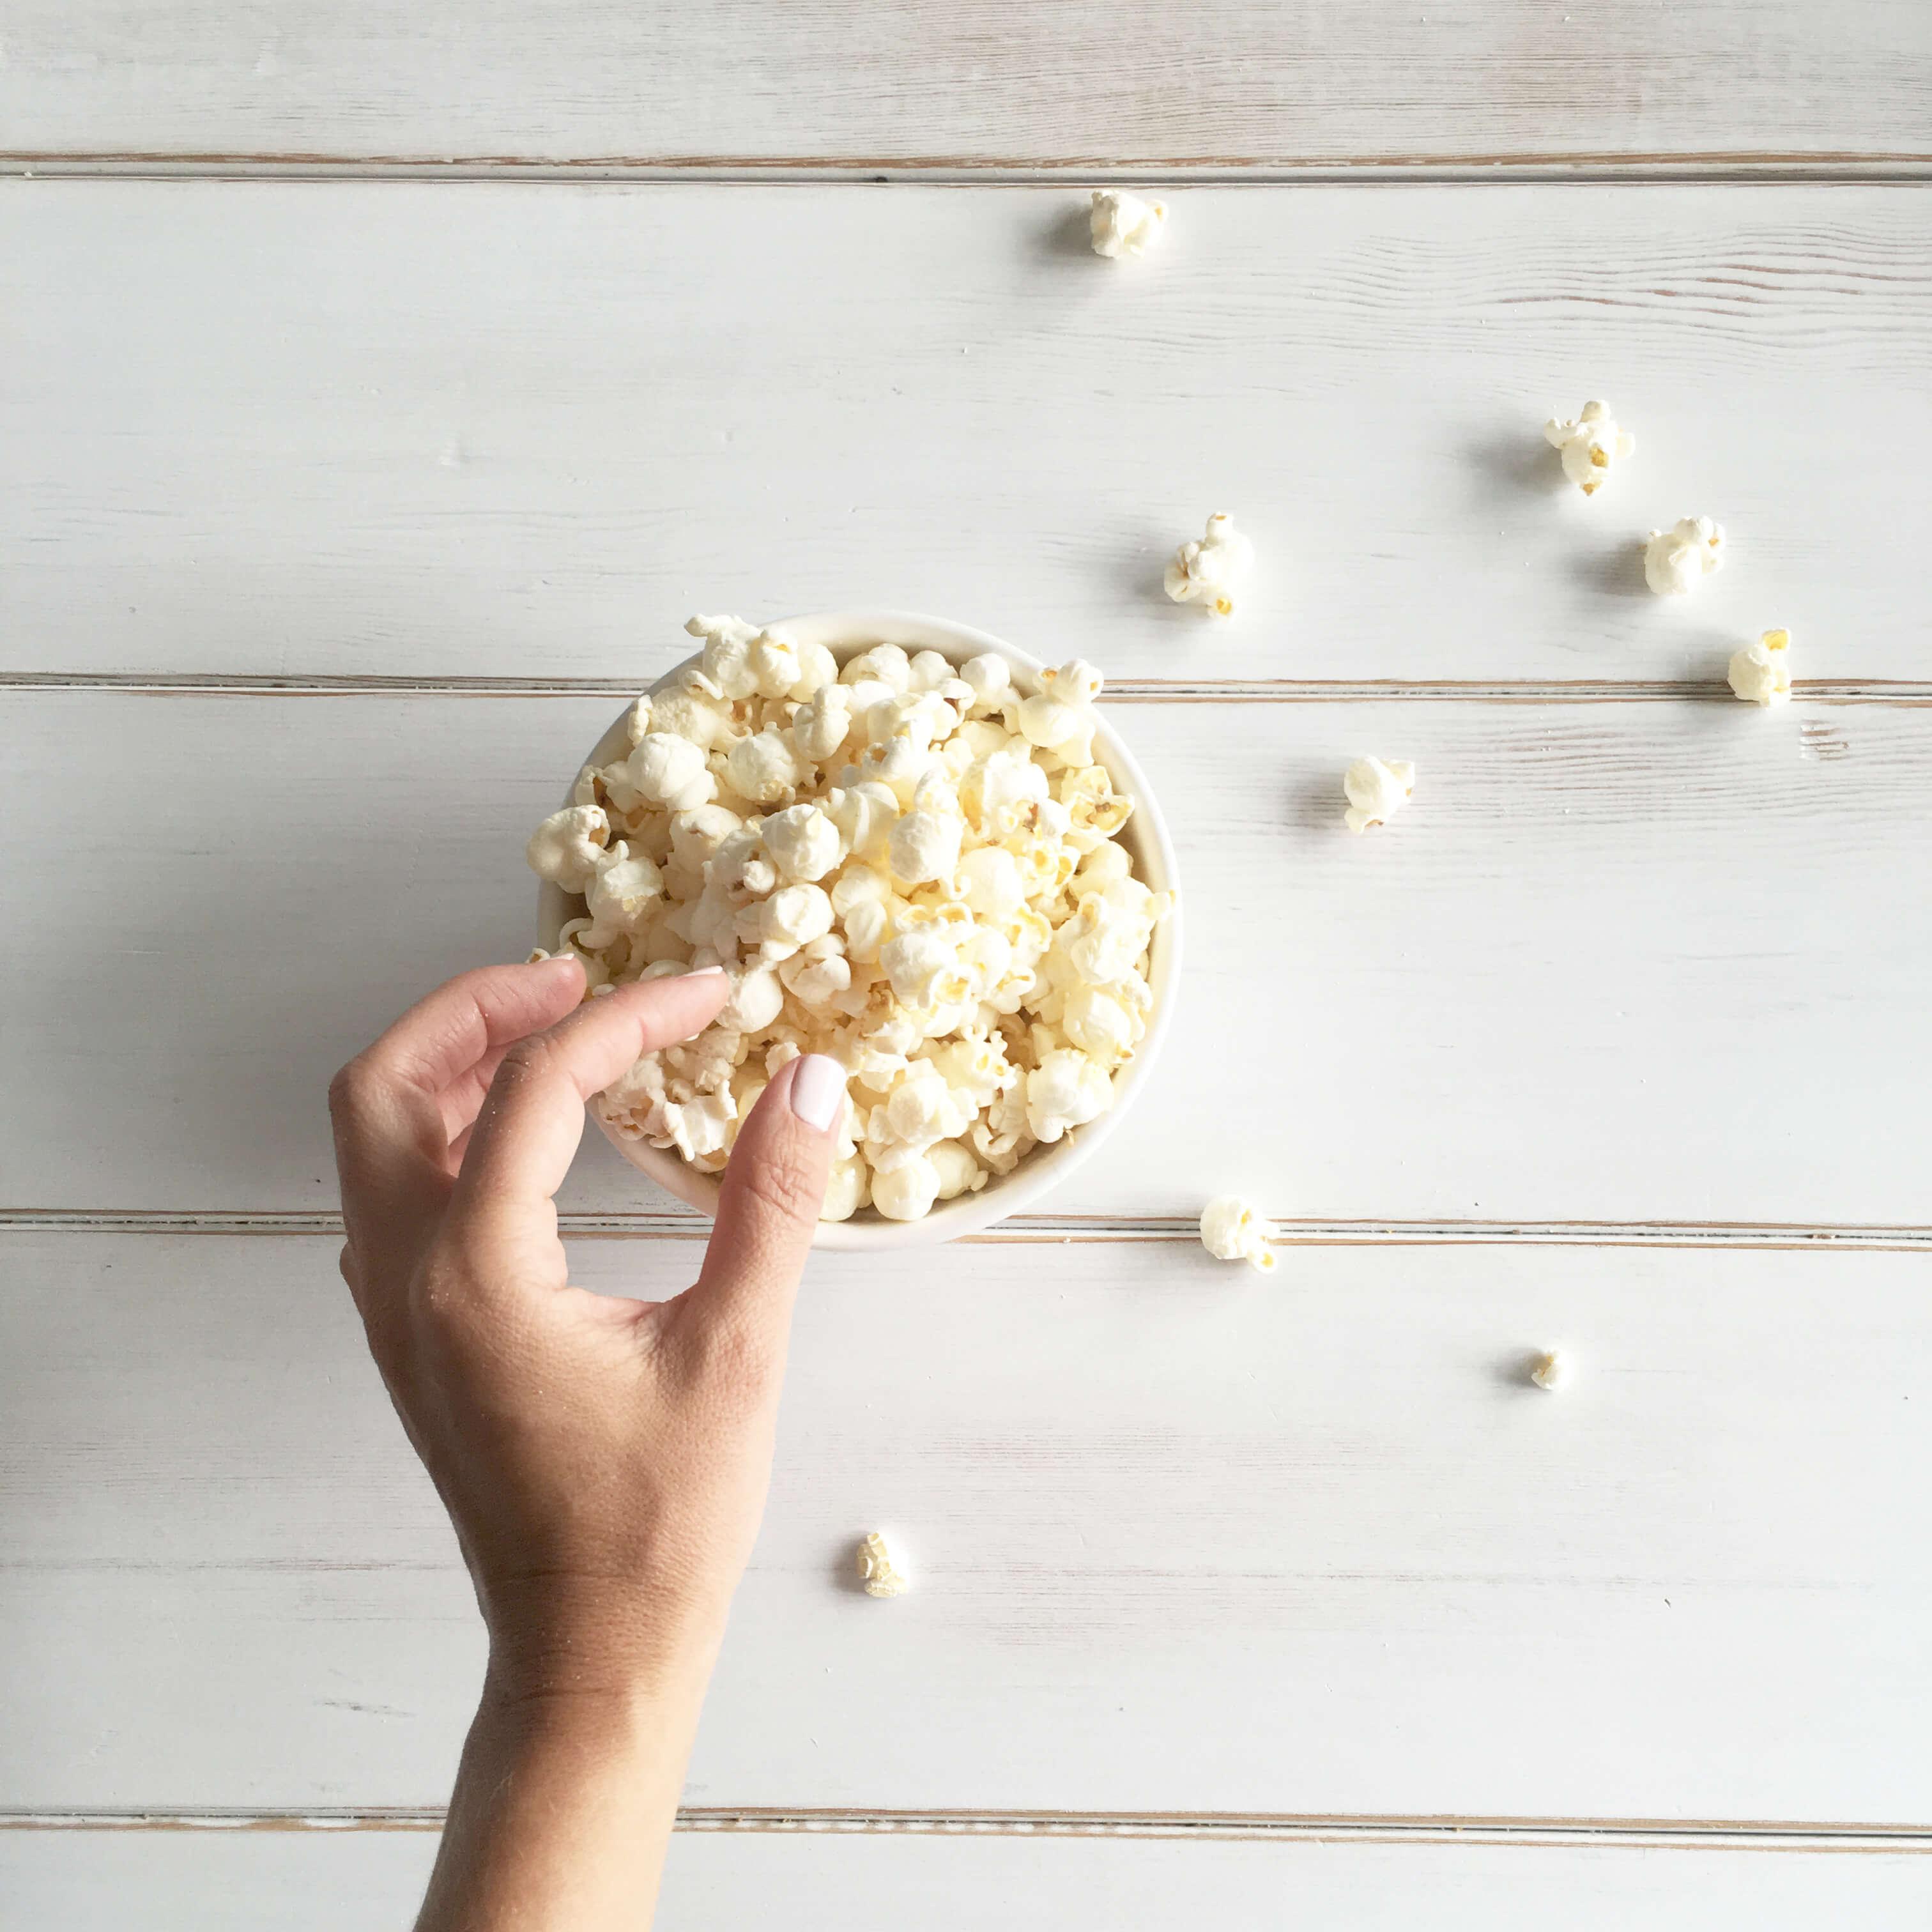 Jillian-Harris-Eating-Smart-Pop-Popcorn-13